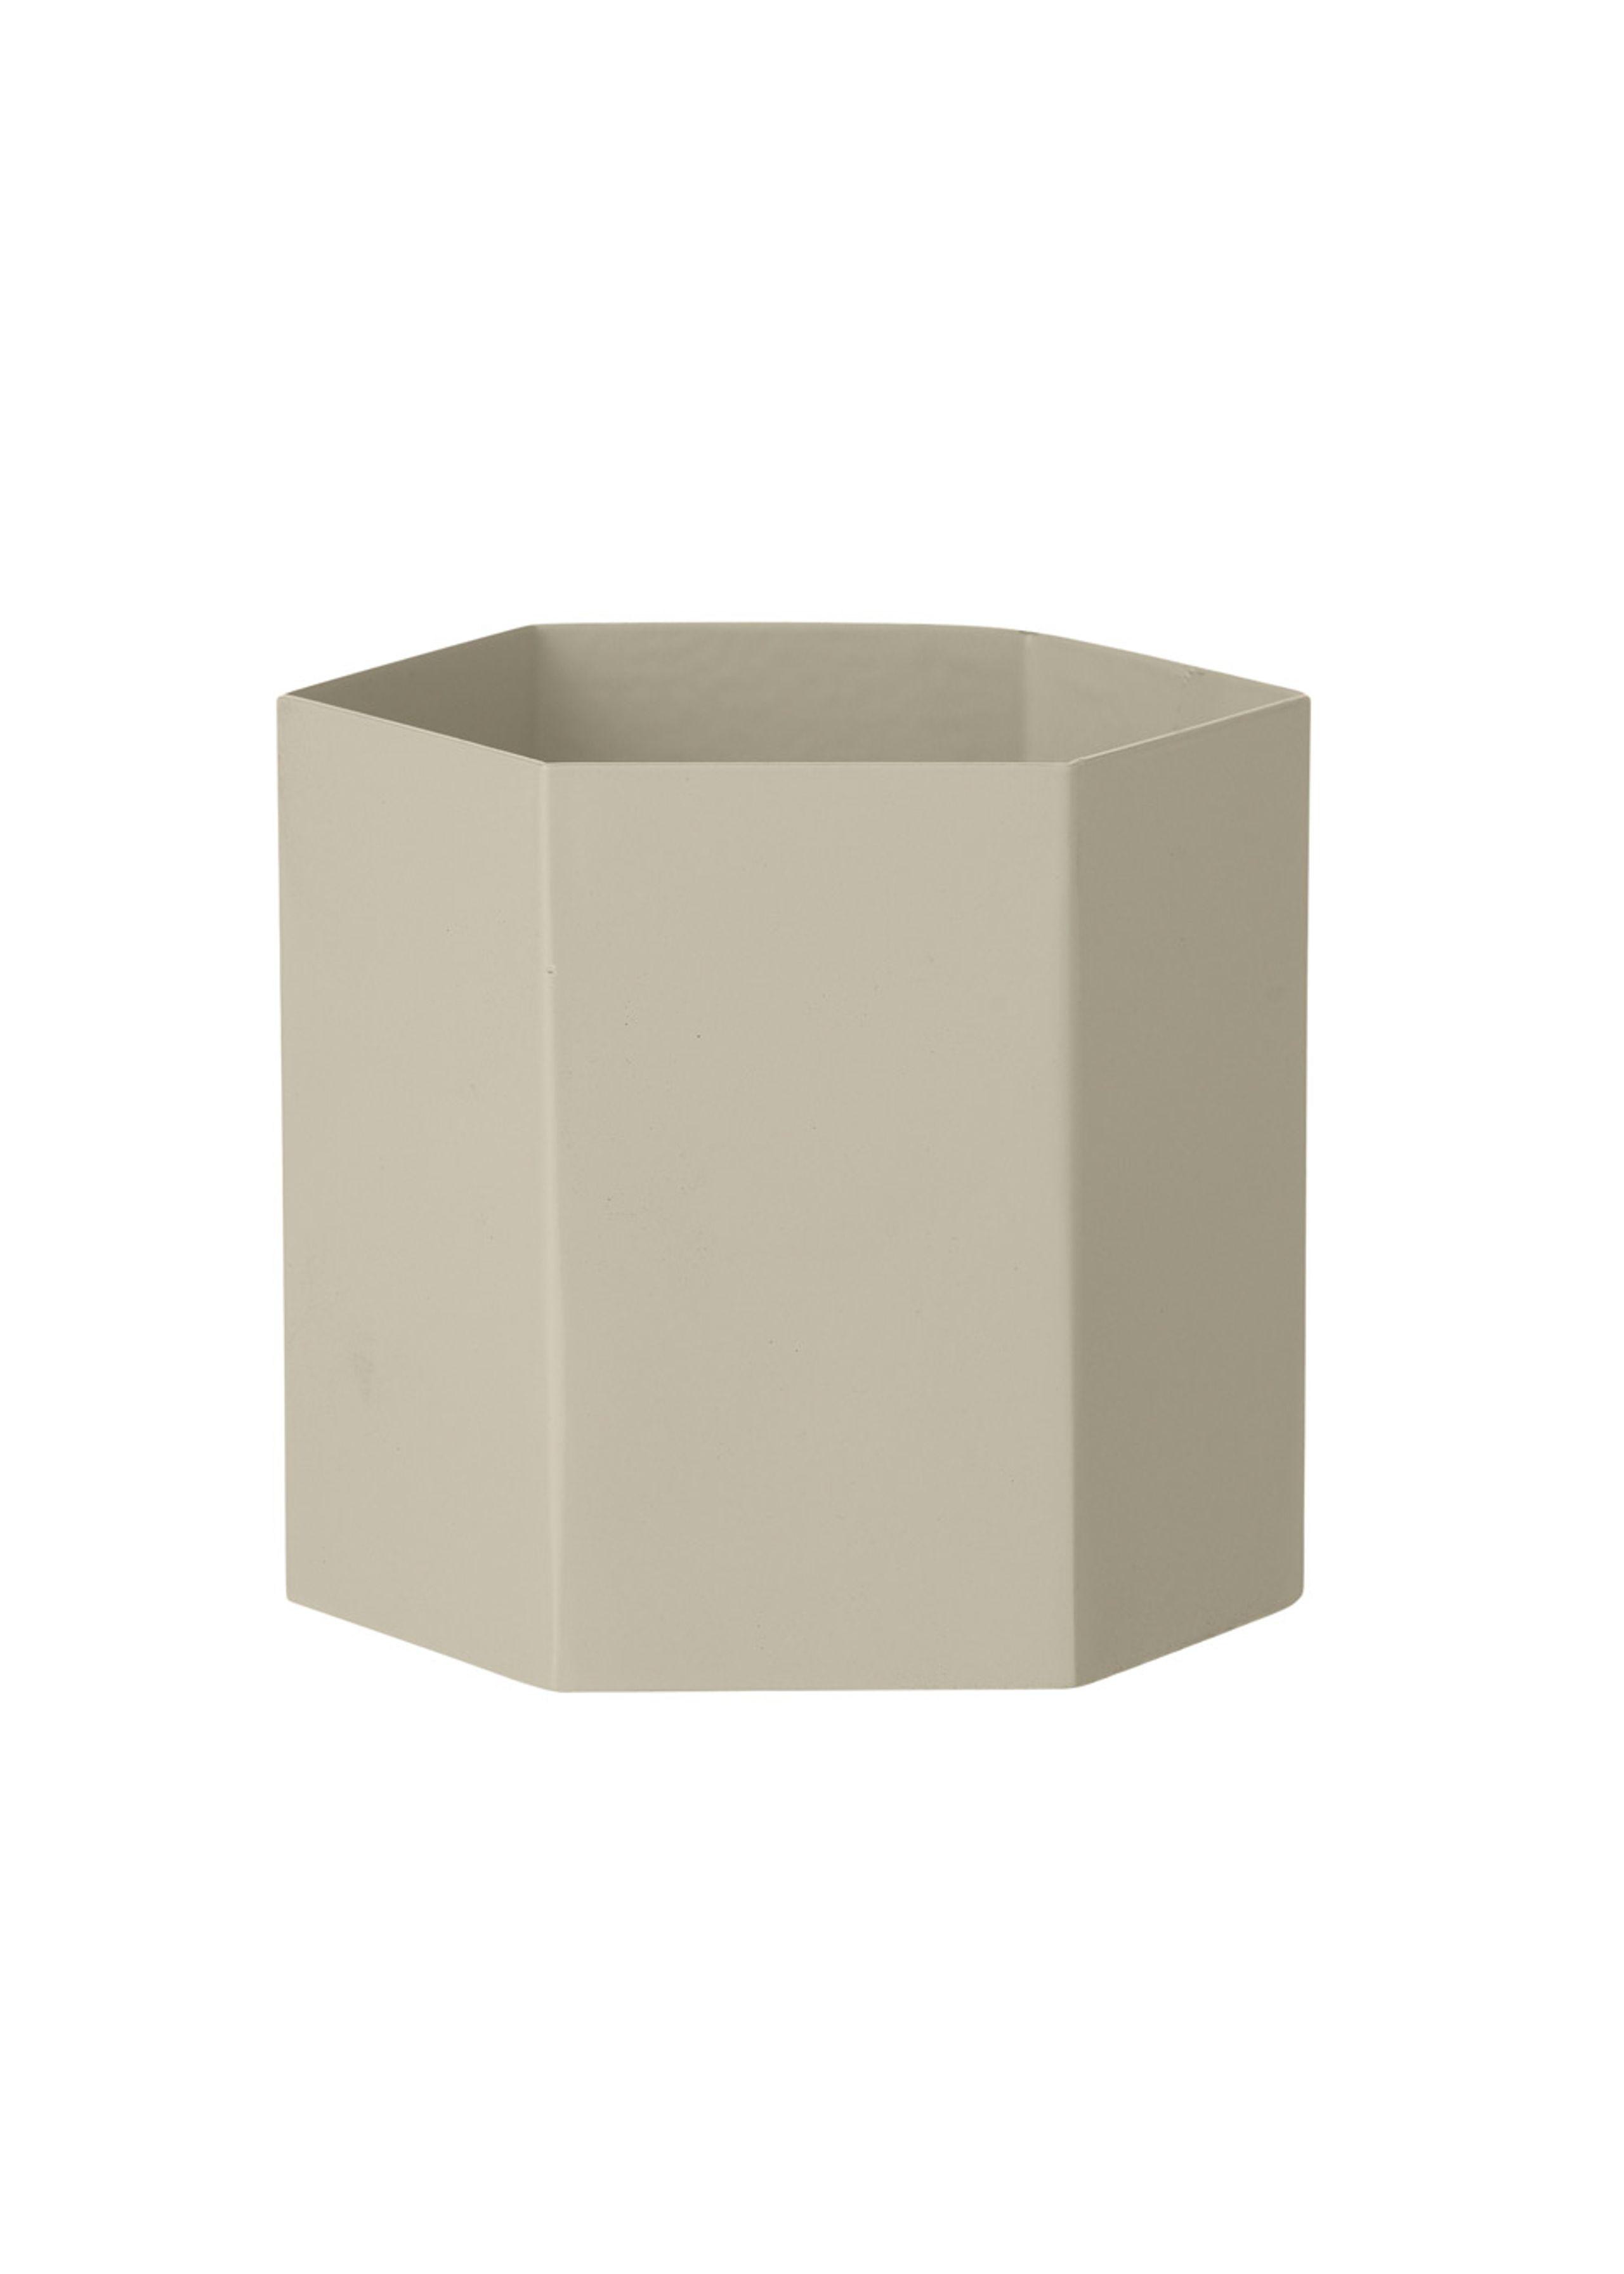 Image of   Hexagon Pot - Large